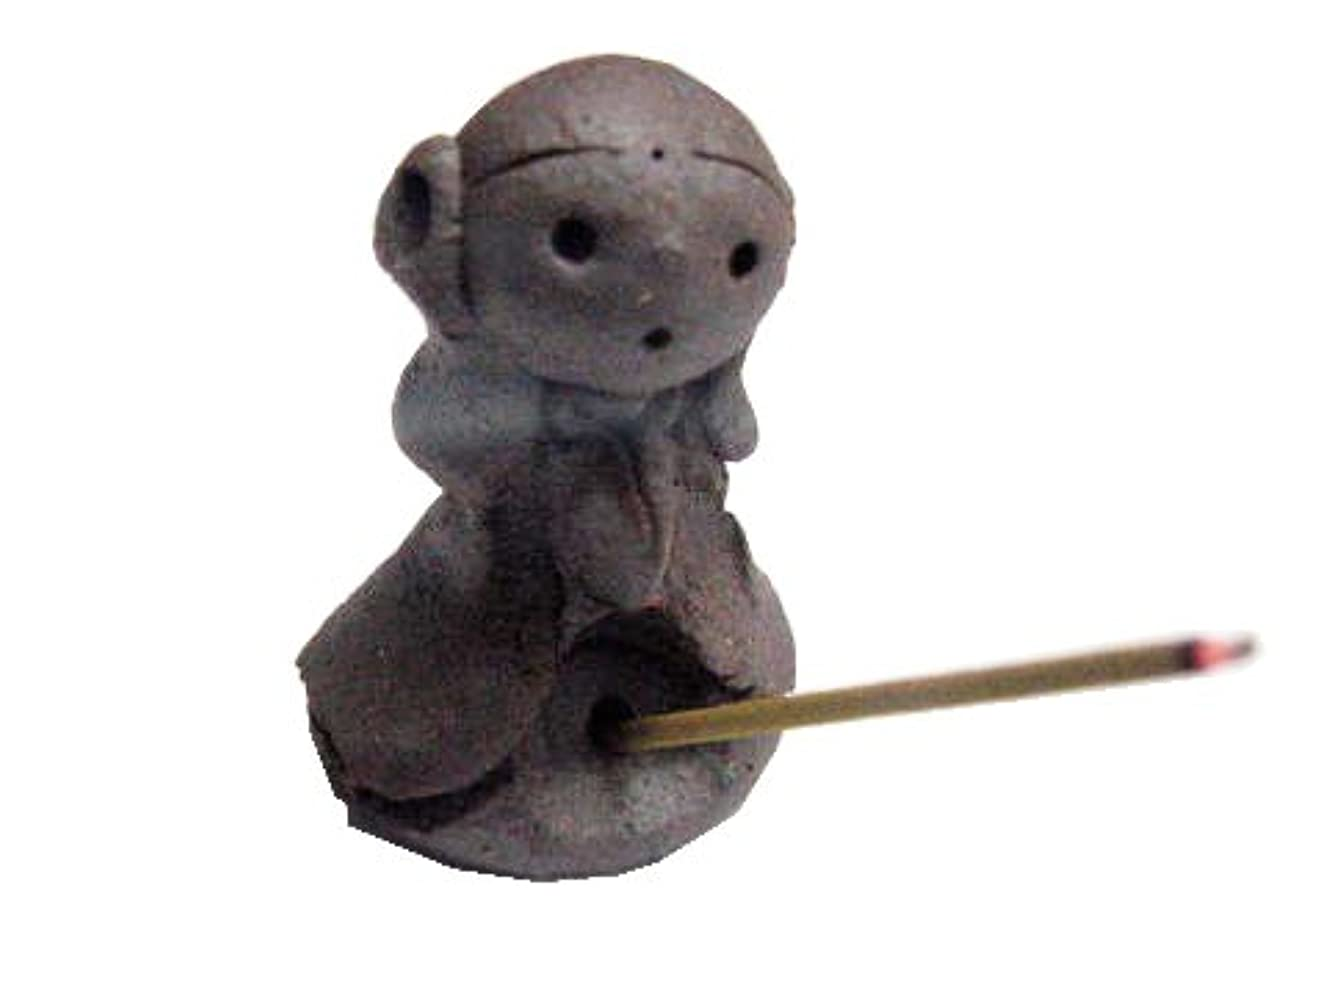 移行ライナー値淡路梅薫堂の可愛い幸せを呼ぶお地蔵様のお香立て スティック コーン かわいい incense stick cones holder #433